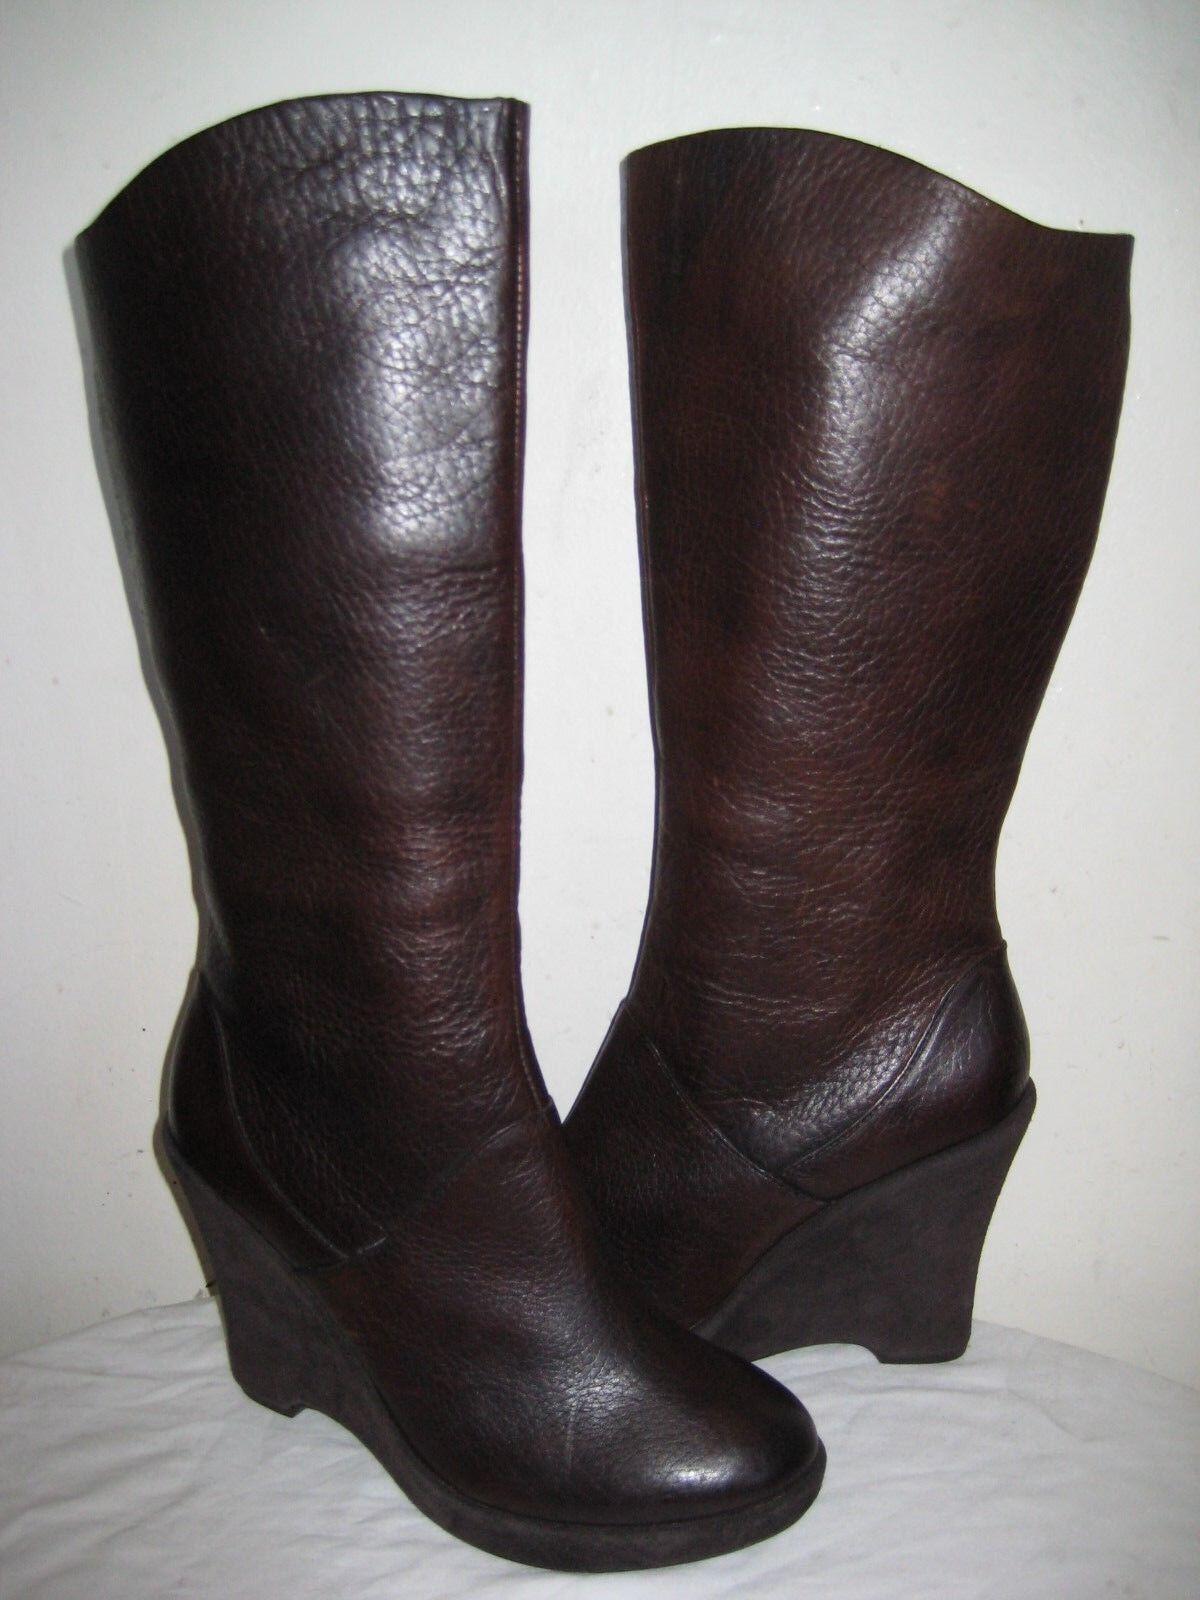 Kork-Ease the Original Cuero botas hasta hasta hasta la rodilla cuña de chocolate para mujer 9.5  promocionales de incentivo